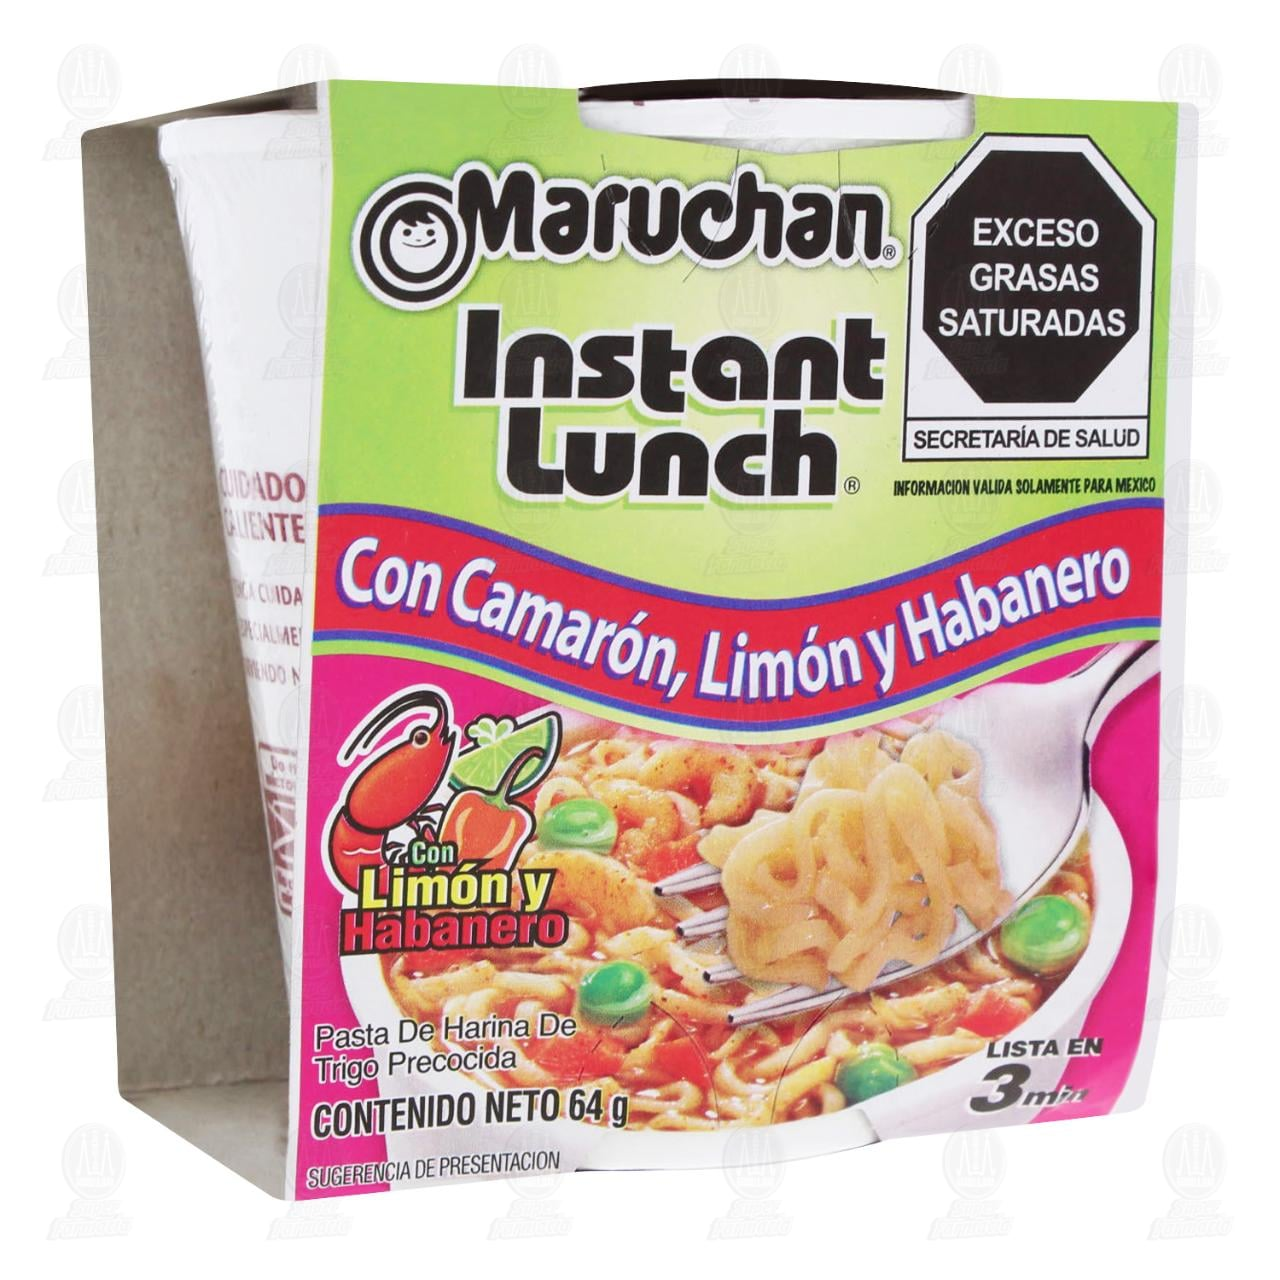 Pasta Maruchan Instant Lunch con Camarón, Limón y Habanero, 64 gr.